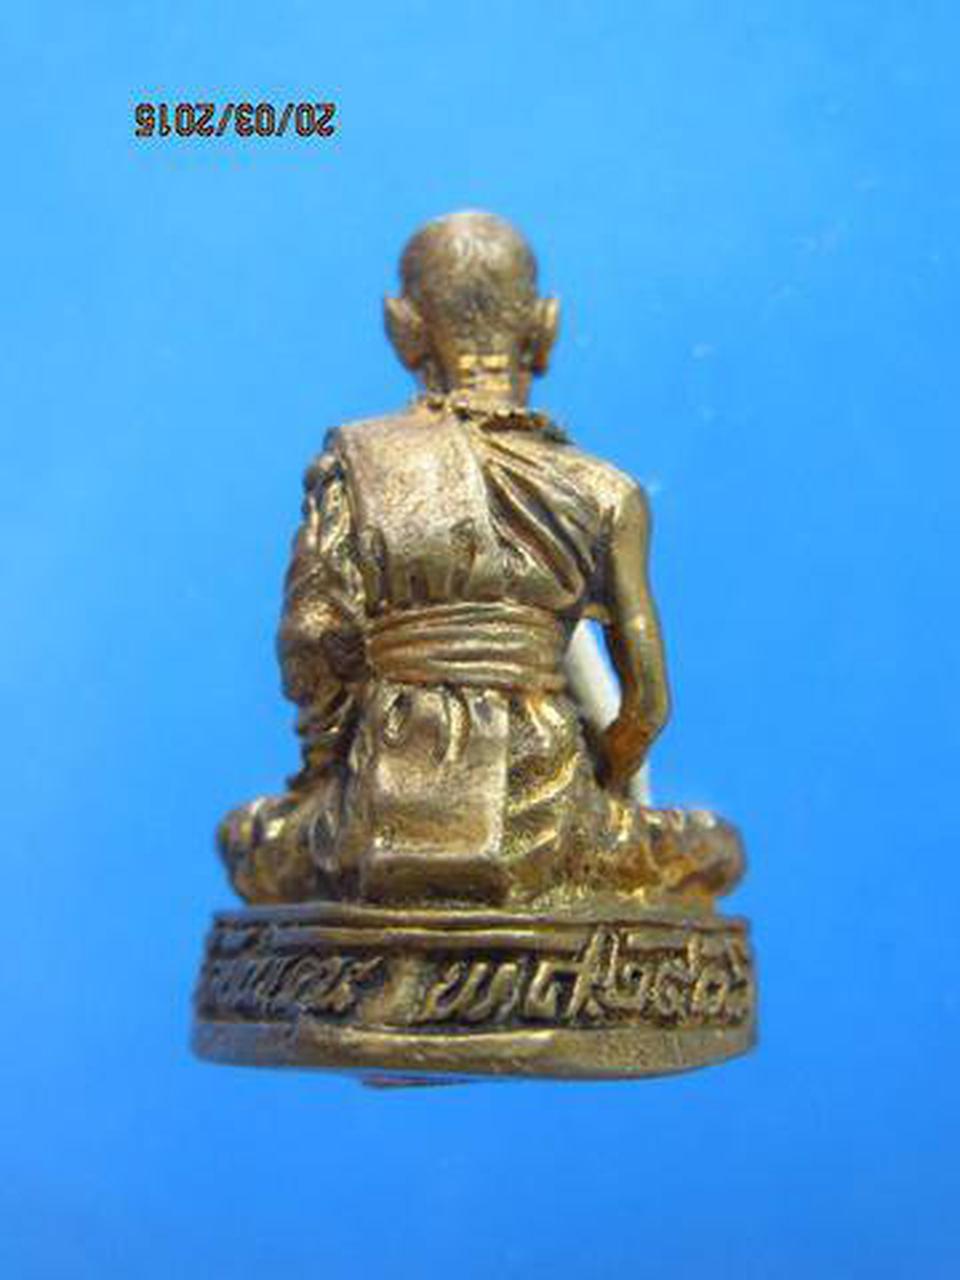 1354 พระหล่อรูปเหมือนหลวงพ่อ ทบ วัดพระพุทธบาทชนแดน ปี 2536  รูปที่ 3